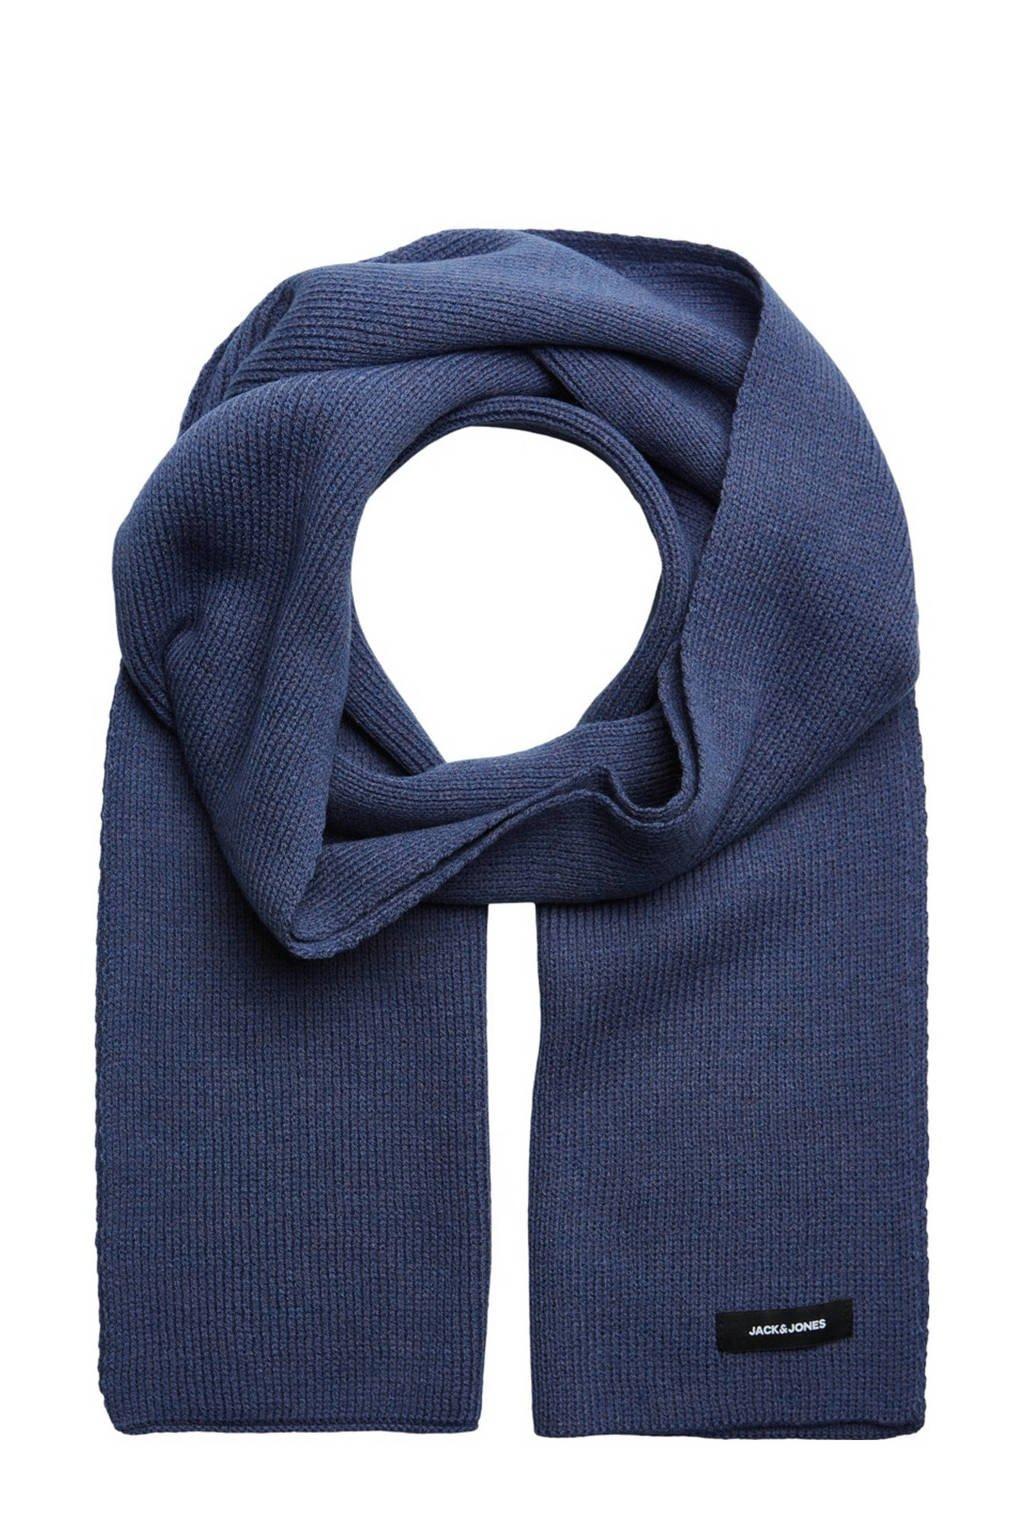 JACK & JONES sjaal, Donkerblauw